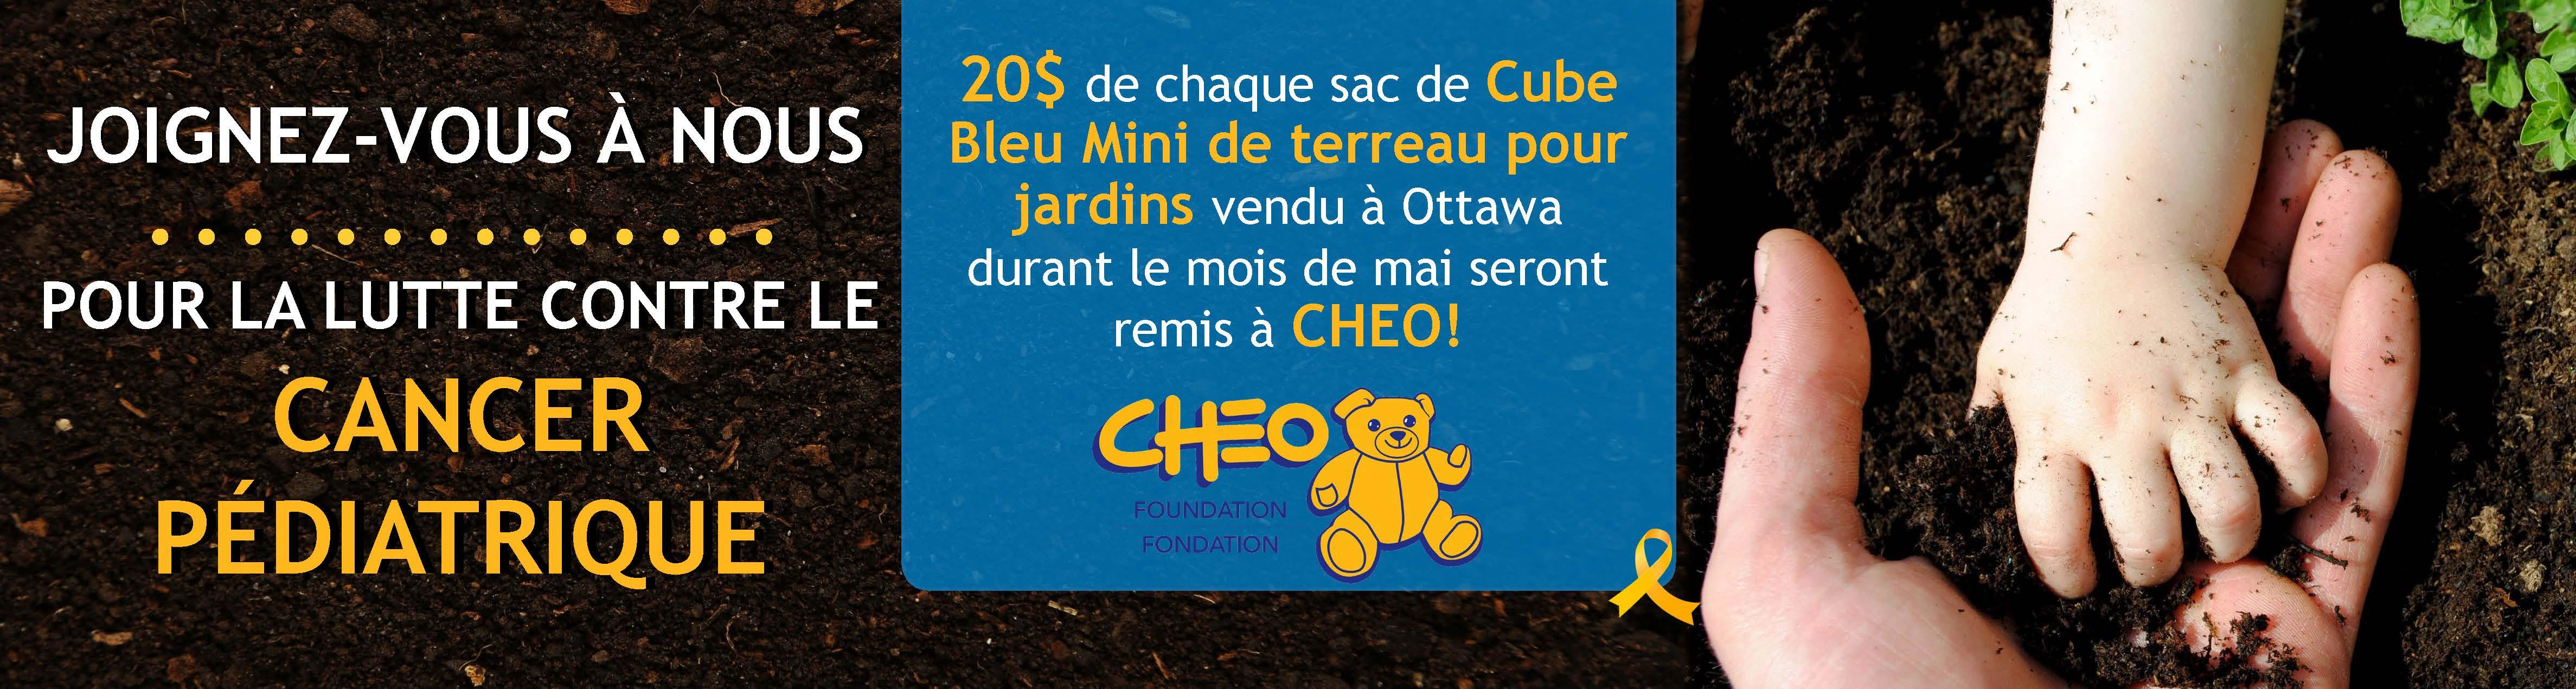 CHEO-Slider-FR-2019-3